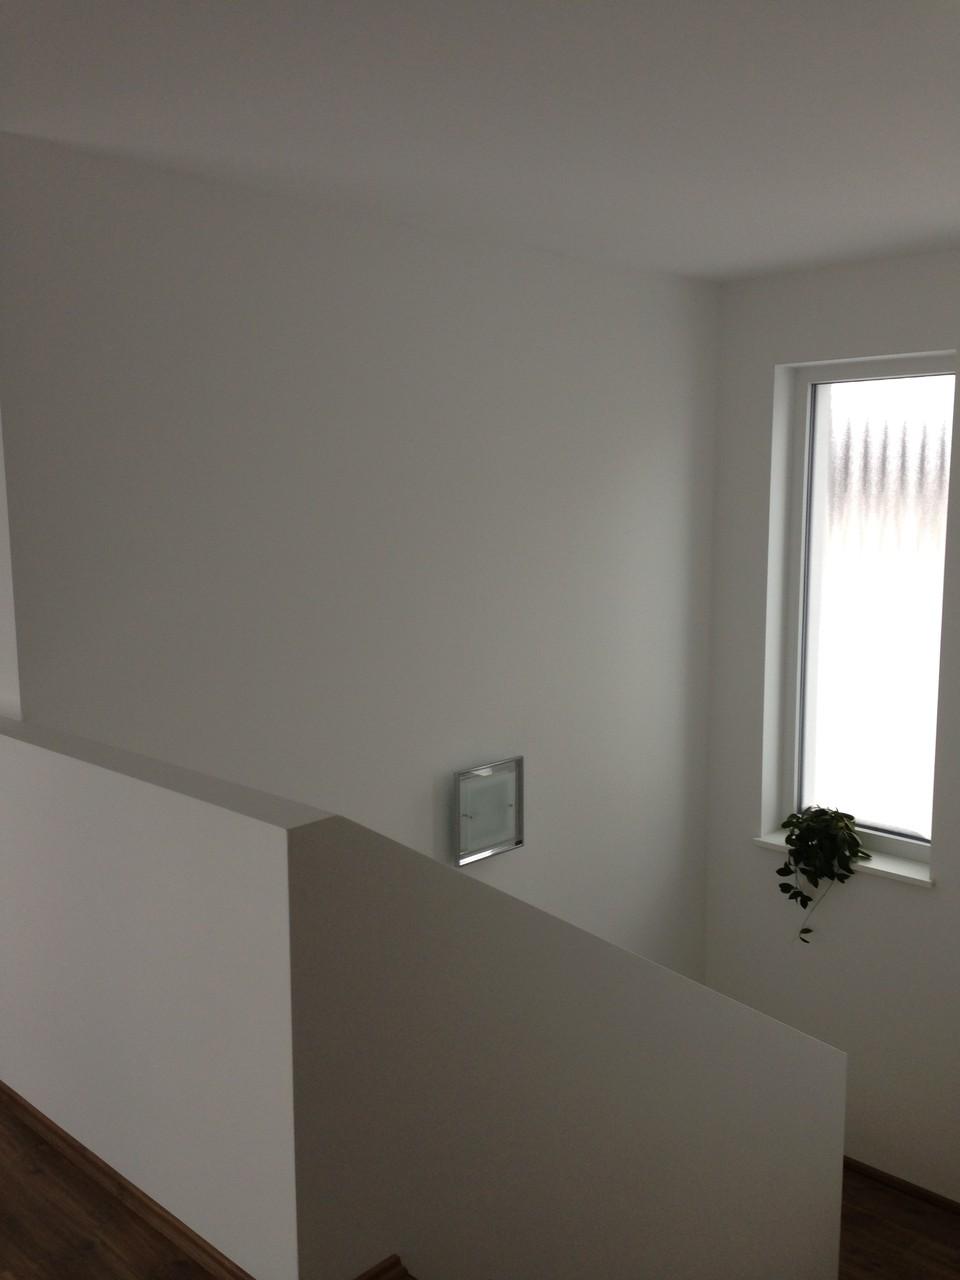 Decke aus Betonelementen vollflächig spachteln, Wände vollflächig spachteln, malen